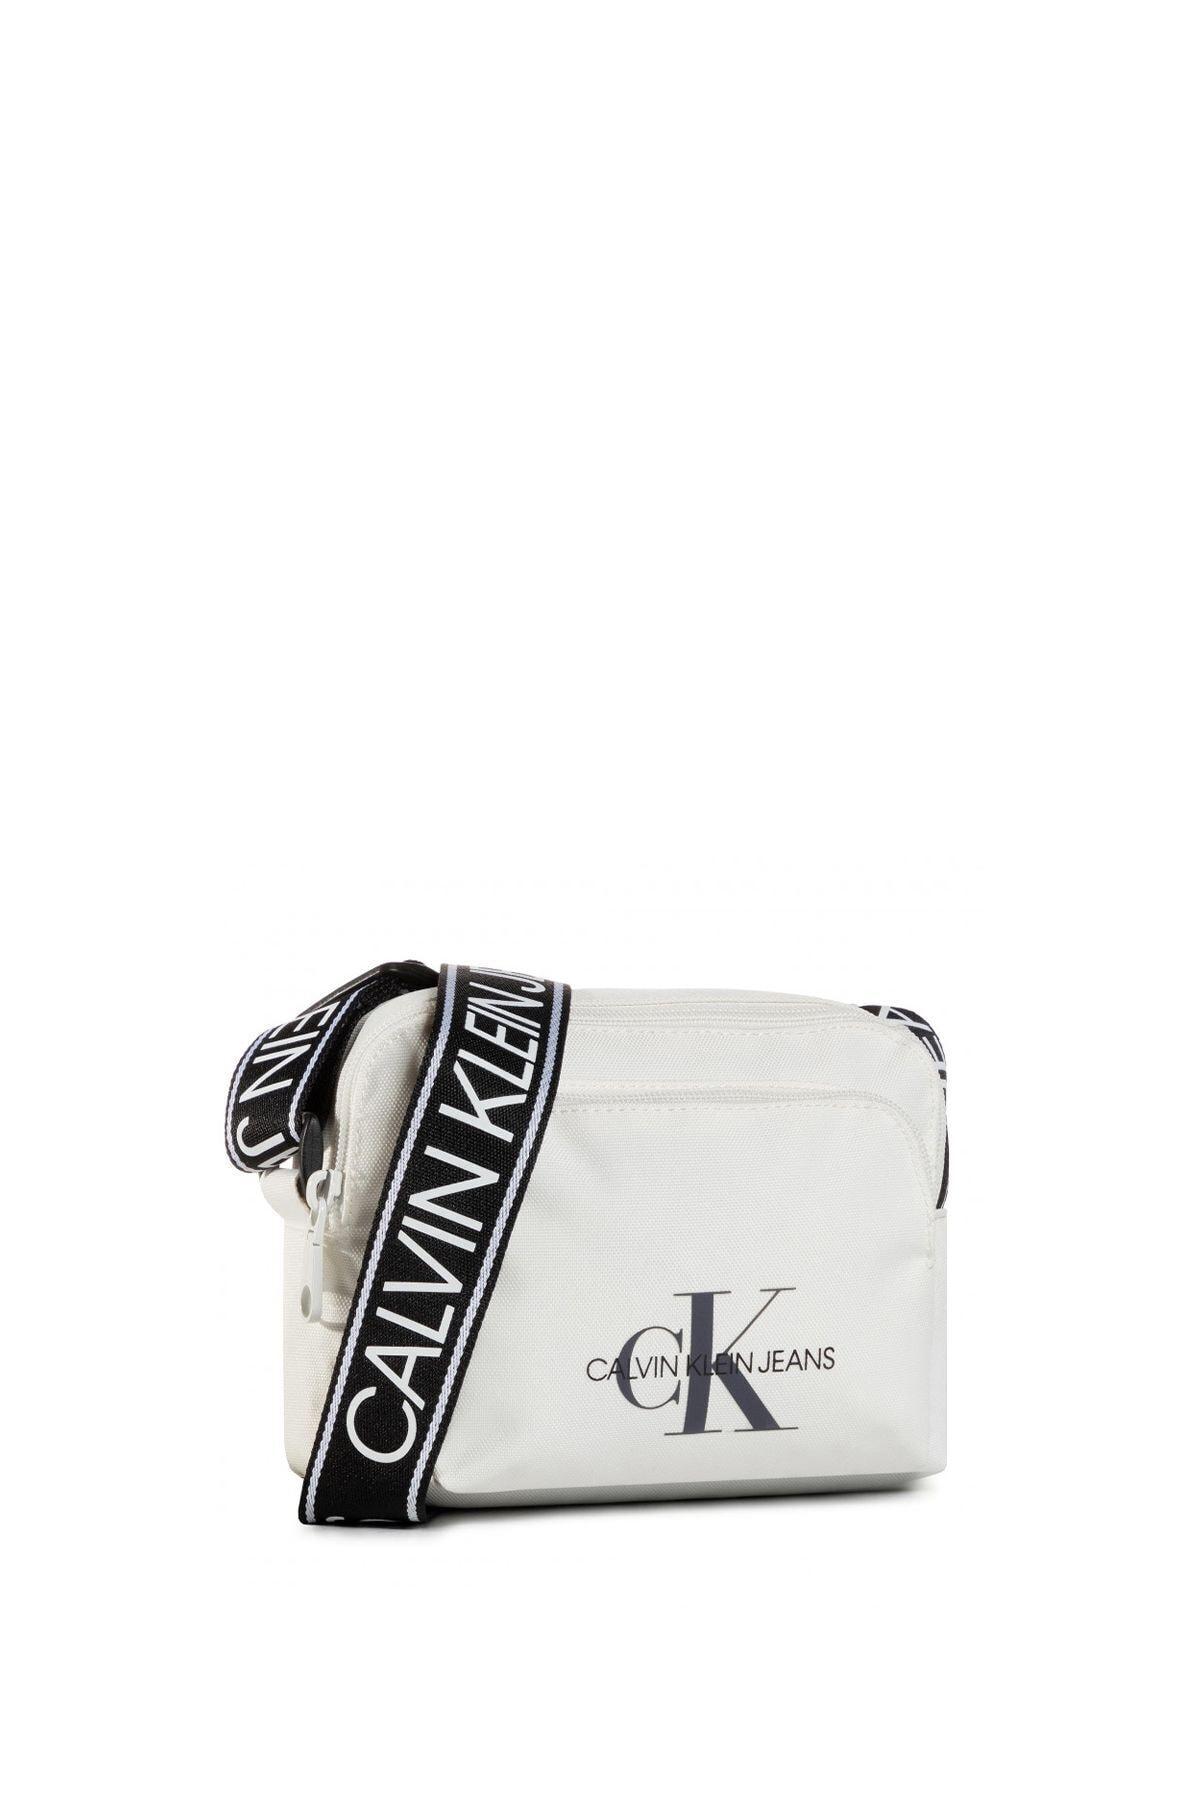 Calvin Klein Black Kadın Camera Bag W/pckt Çapraz Askılı Kadın Çantası K60k606868 1